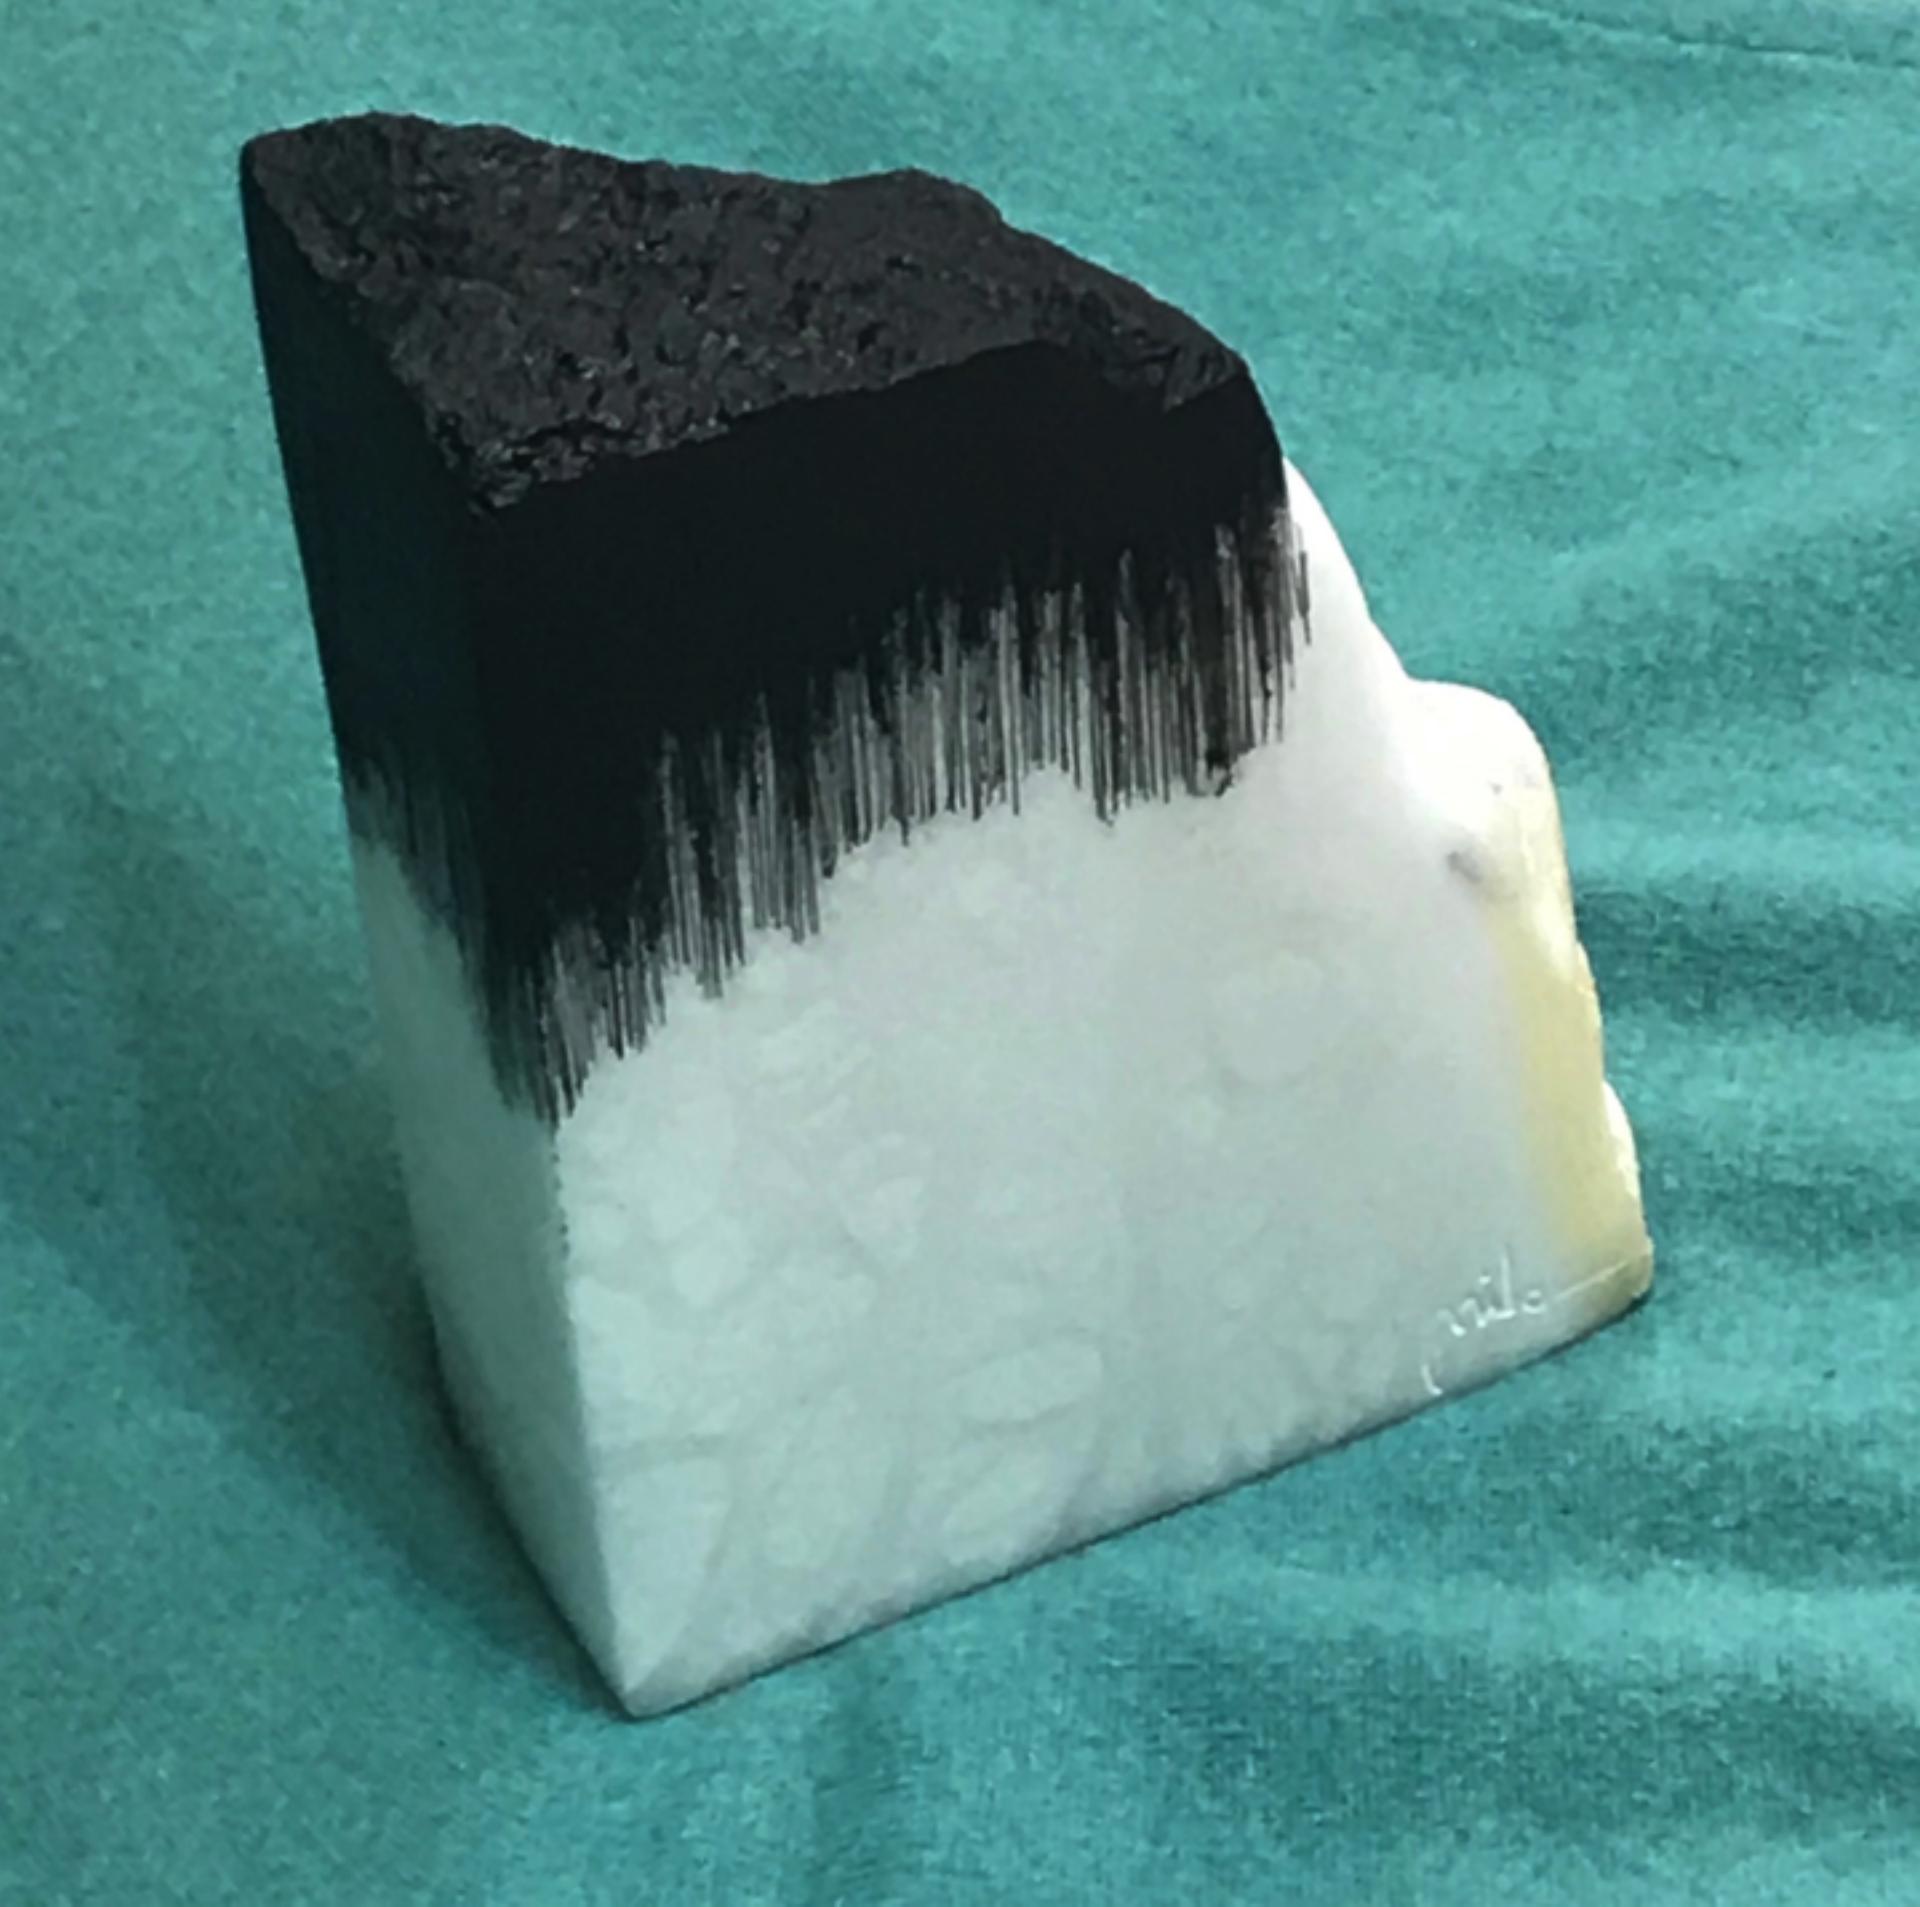 BLANCO O NEGRO – BLACK OR WHITE